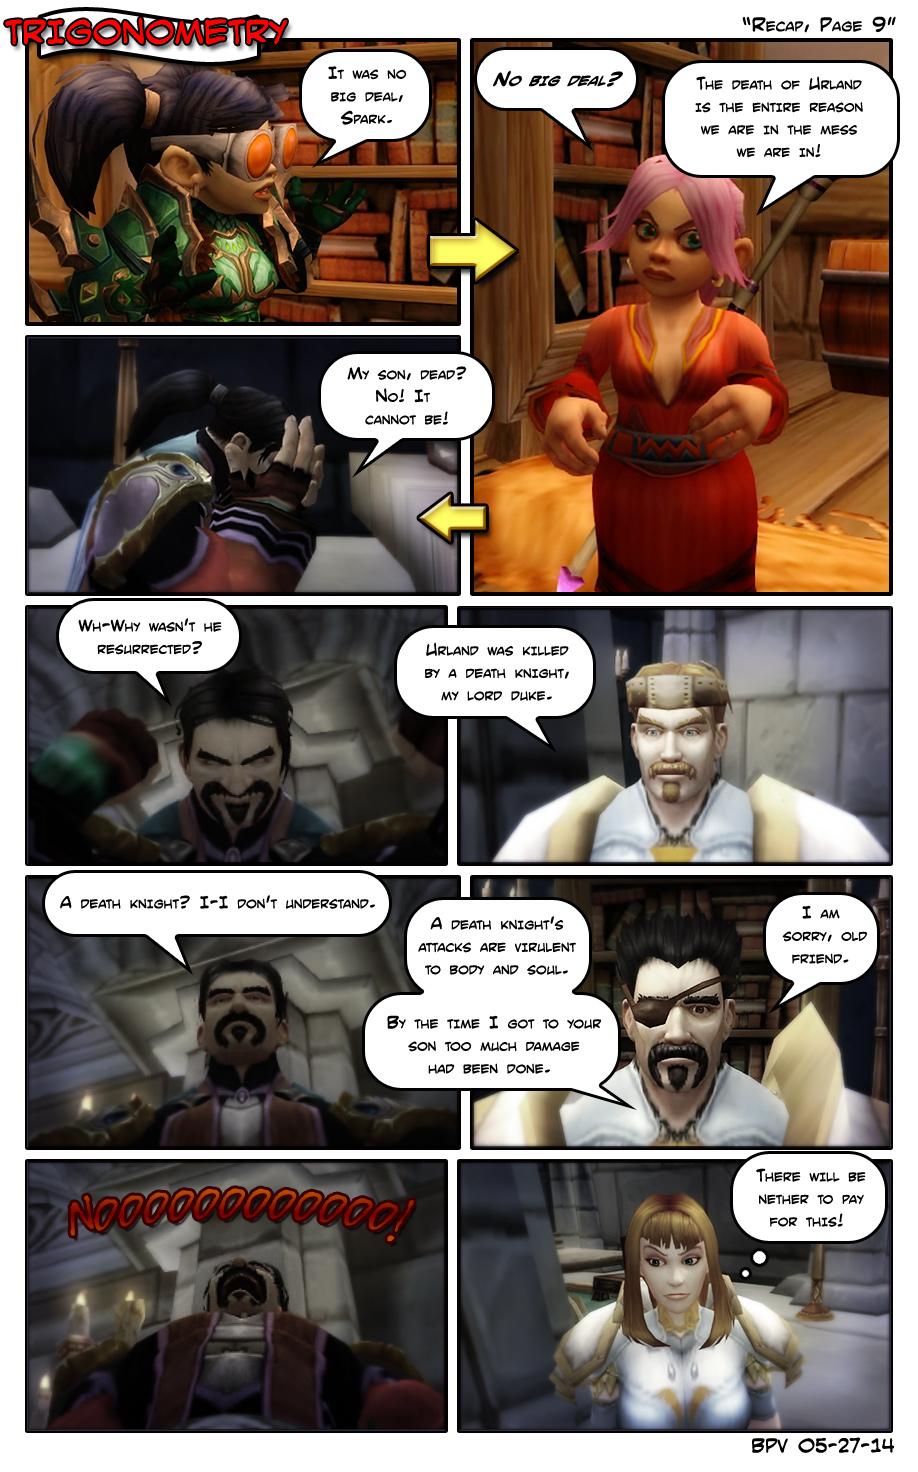 Recap, Page 9